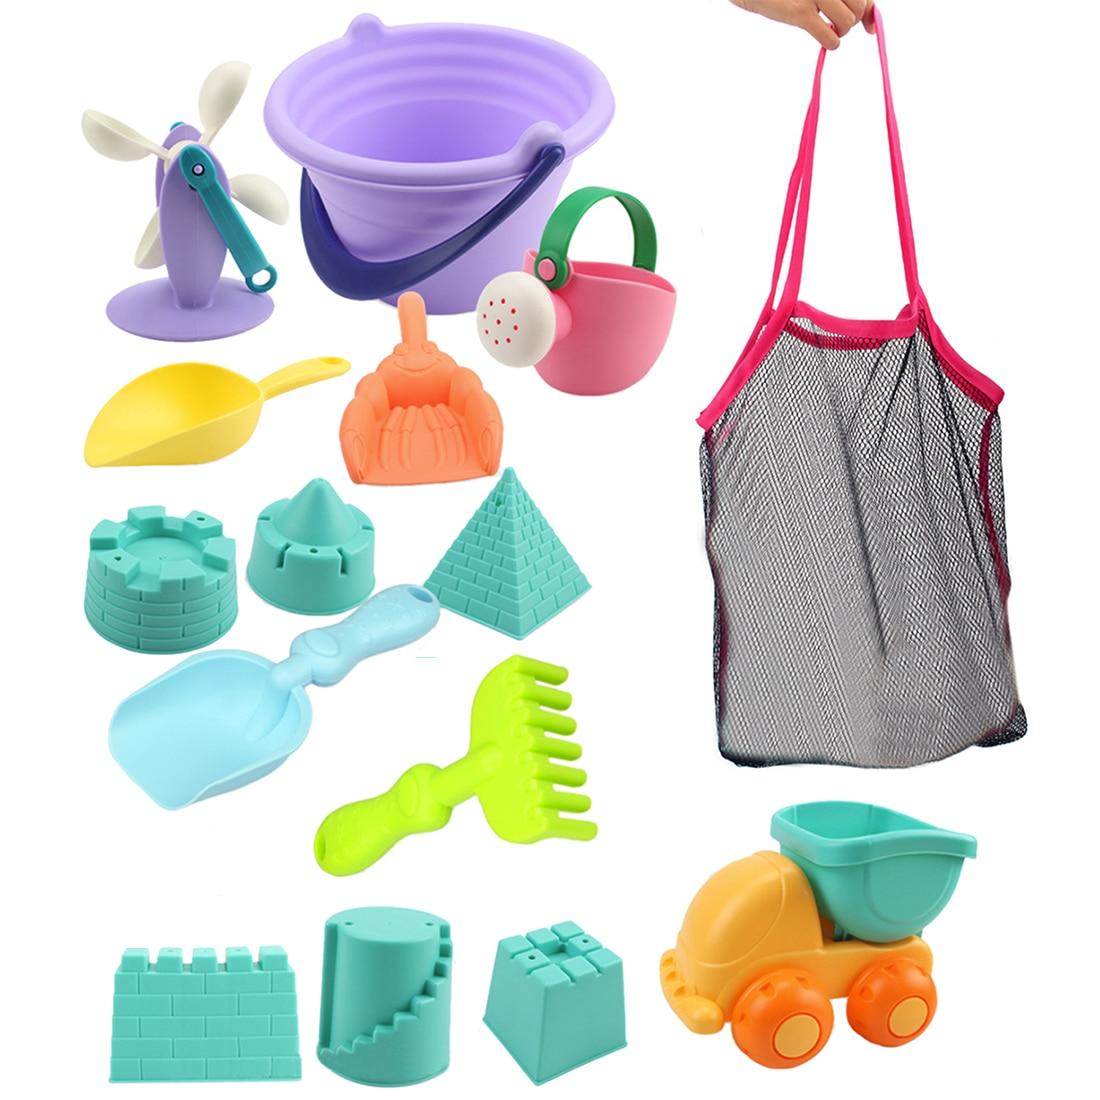 15Pcs Outdoor Beach Sand Toys Soft Rubber Beach Bucket Playset For Kids Beach Sand Toys Set  - Random Color